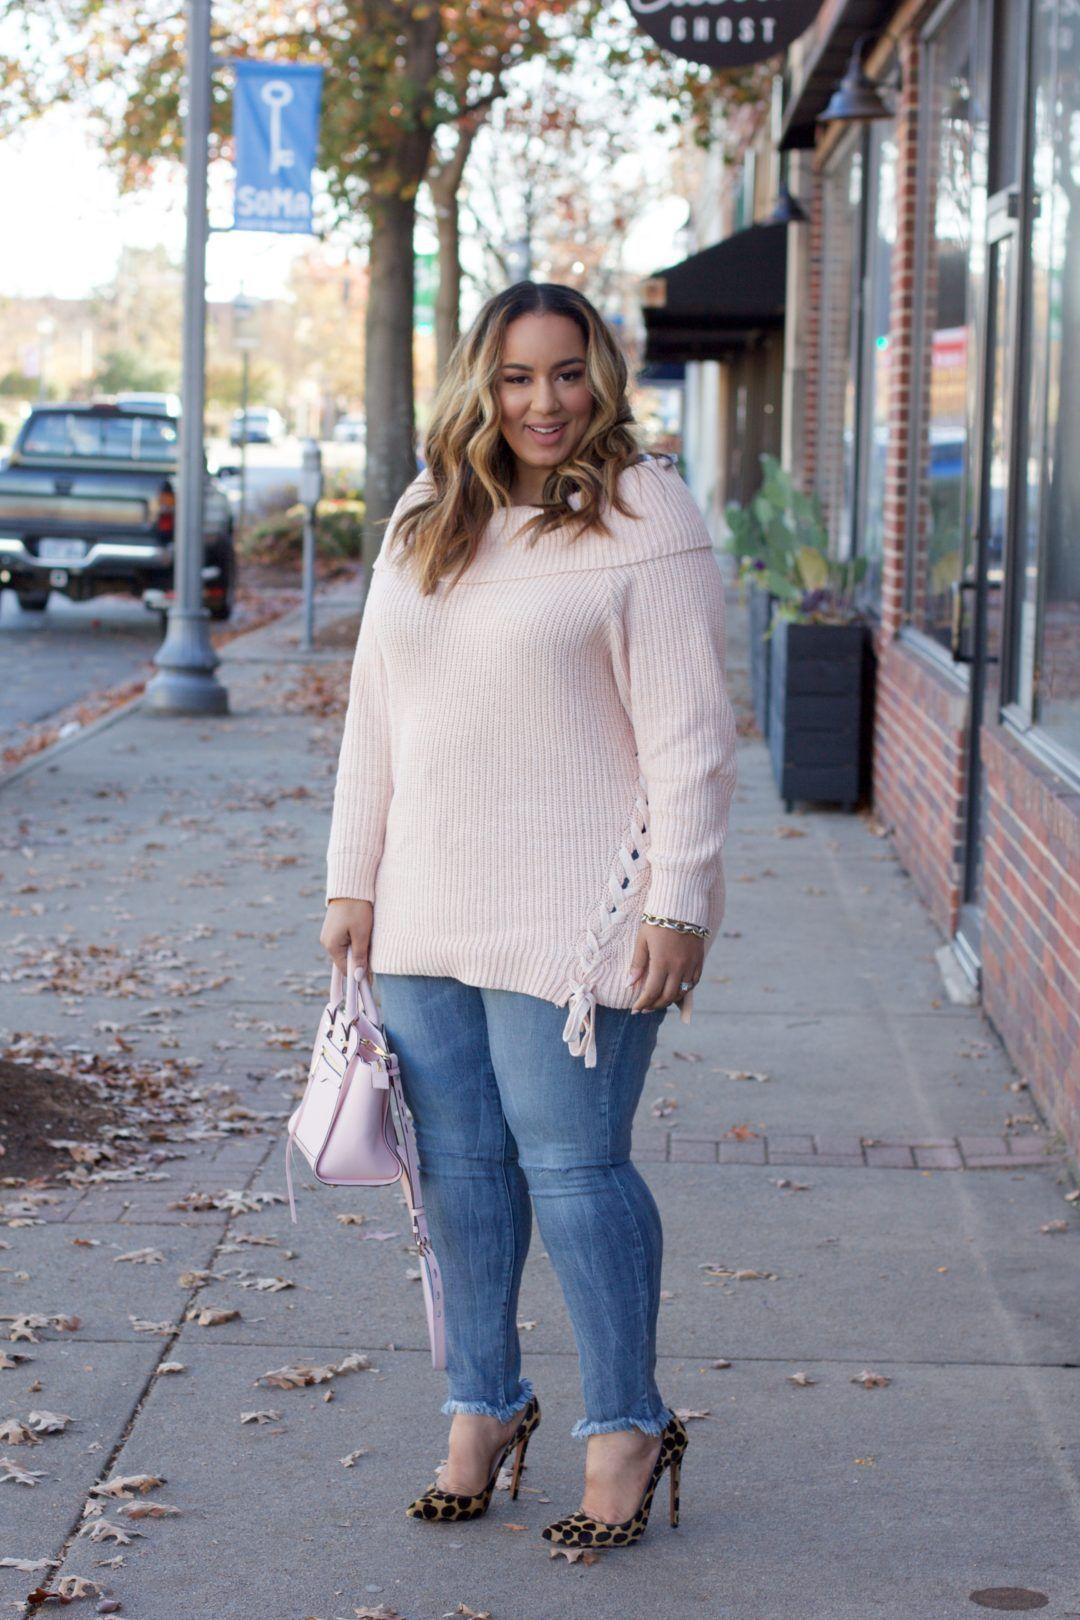 Vêtements Décontractés · Plus Size Fashion for Women - Beauticurve  Mannequin Grande Taille, Tenues Aux Courbes, Tenues 17b88d73a676